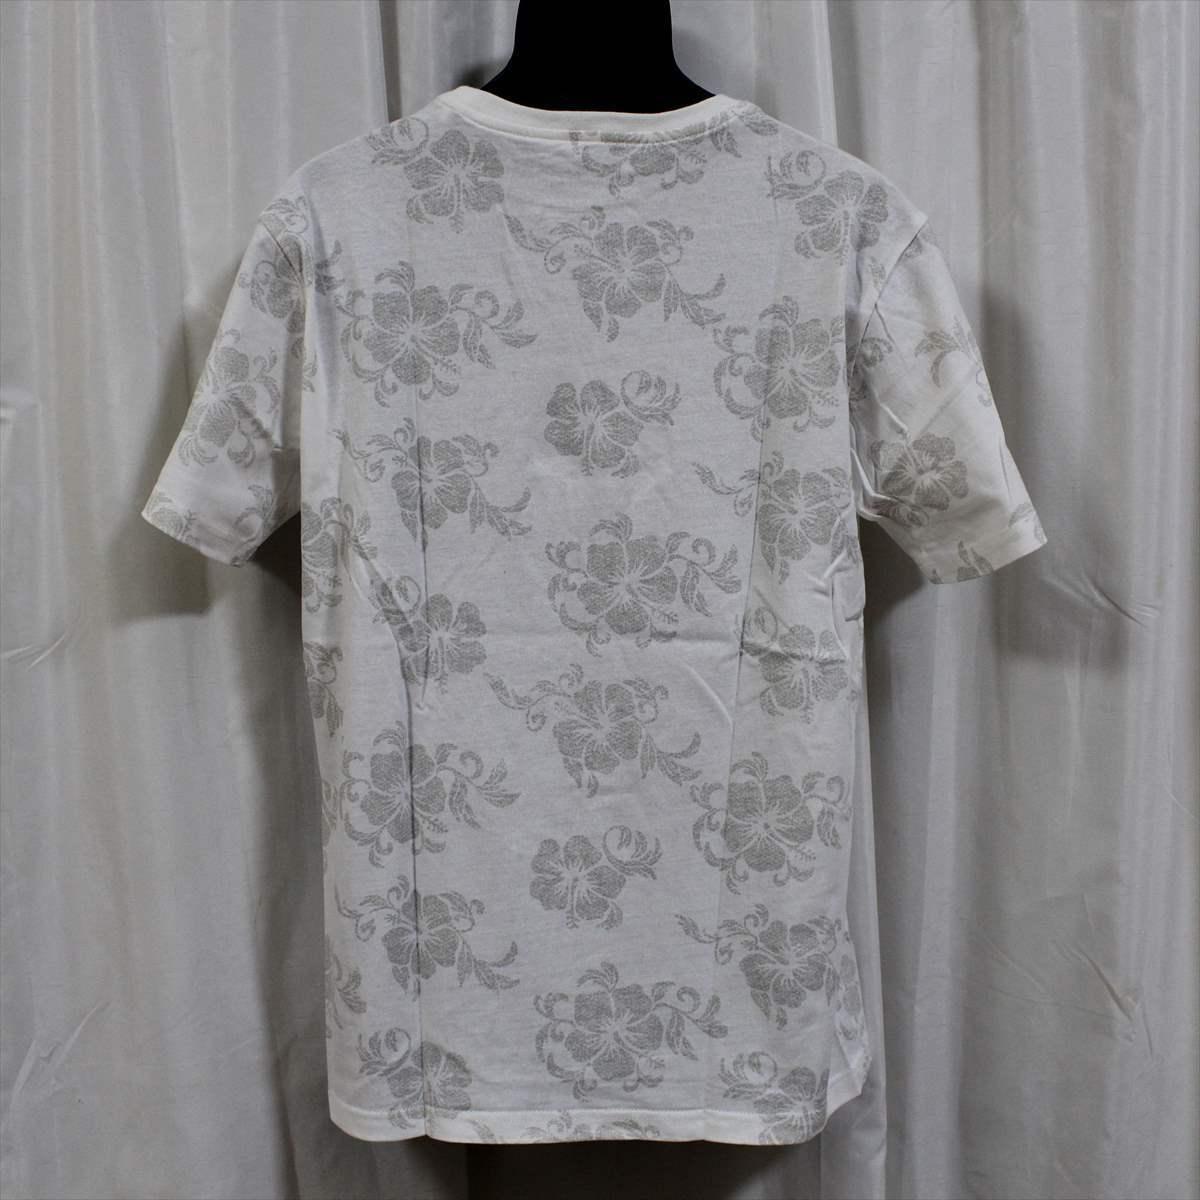 ピコ PIKO メンズ半袖Tシャツ ホワイト Lサイズ 新品 HAWAIIAN LONGBOARD WEAR 白_画像3